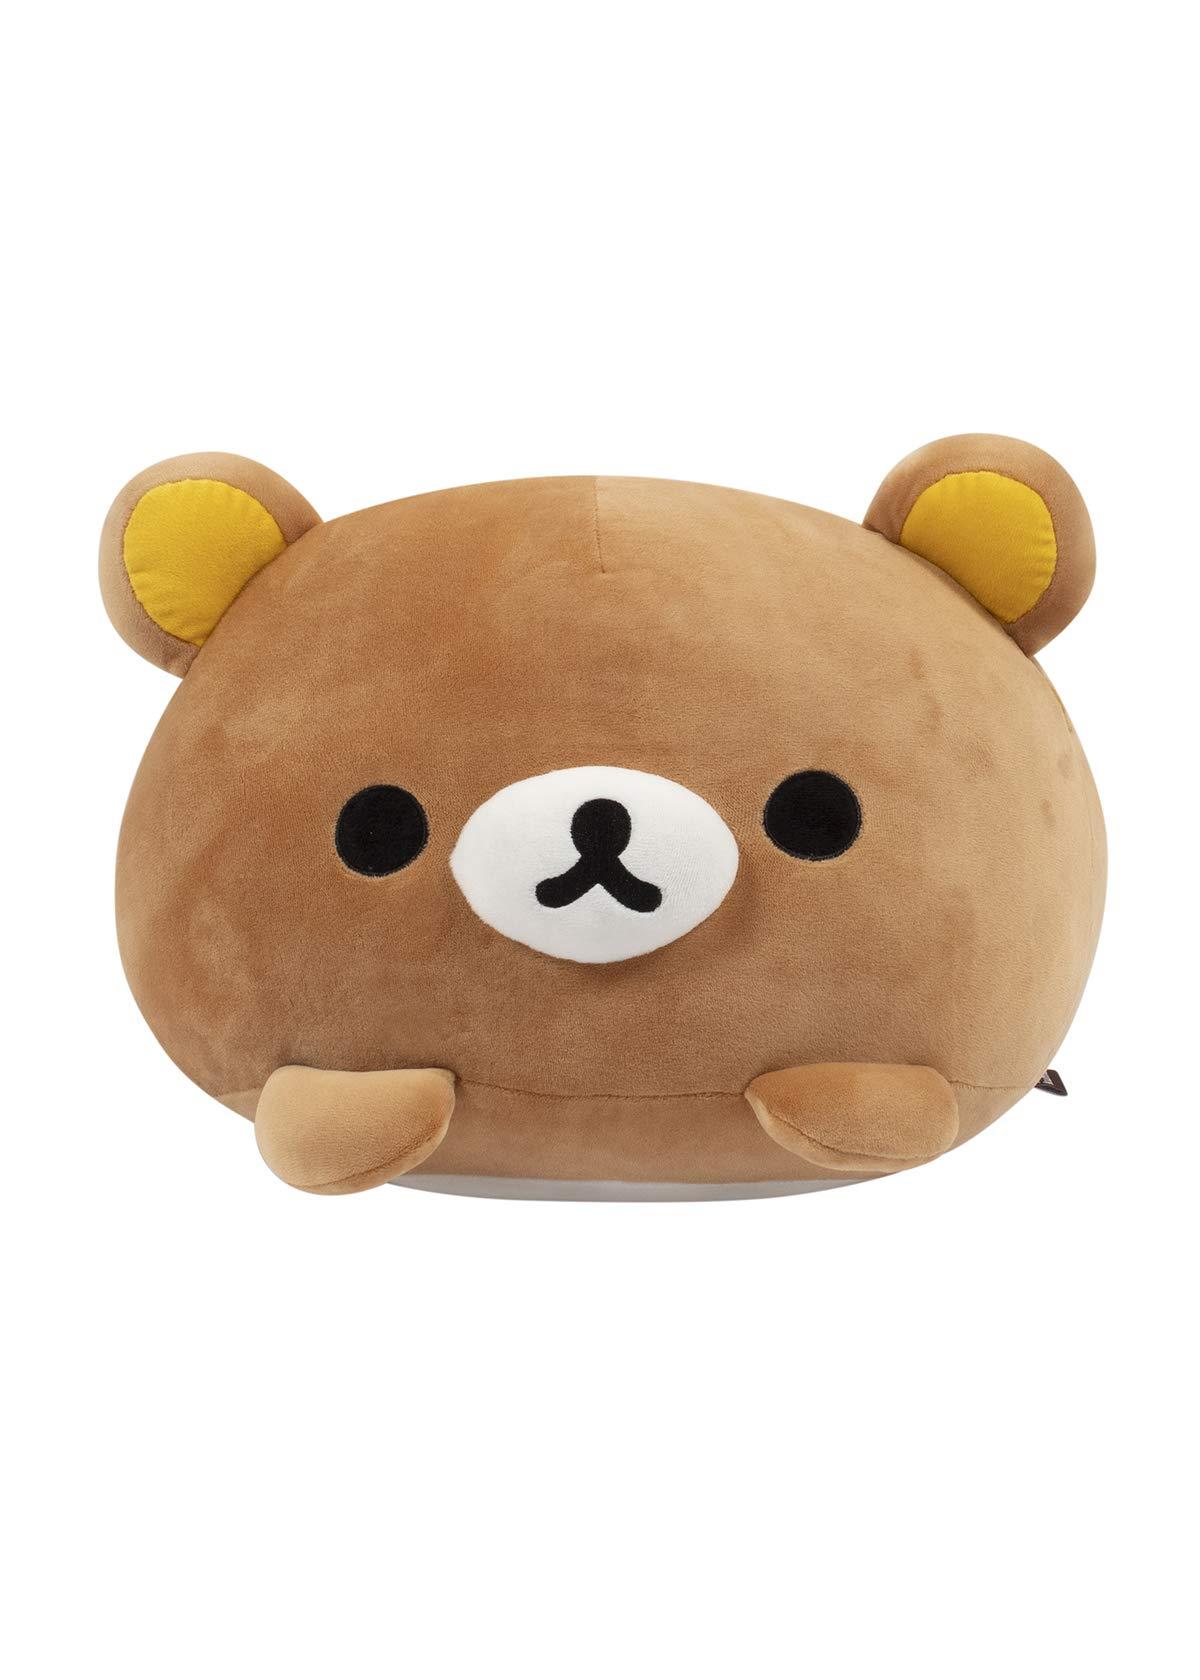 Rilakkuma San-X Original Mochi Cushion Plush by Rilakkuma